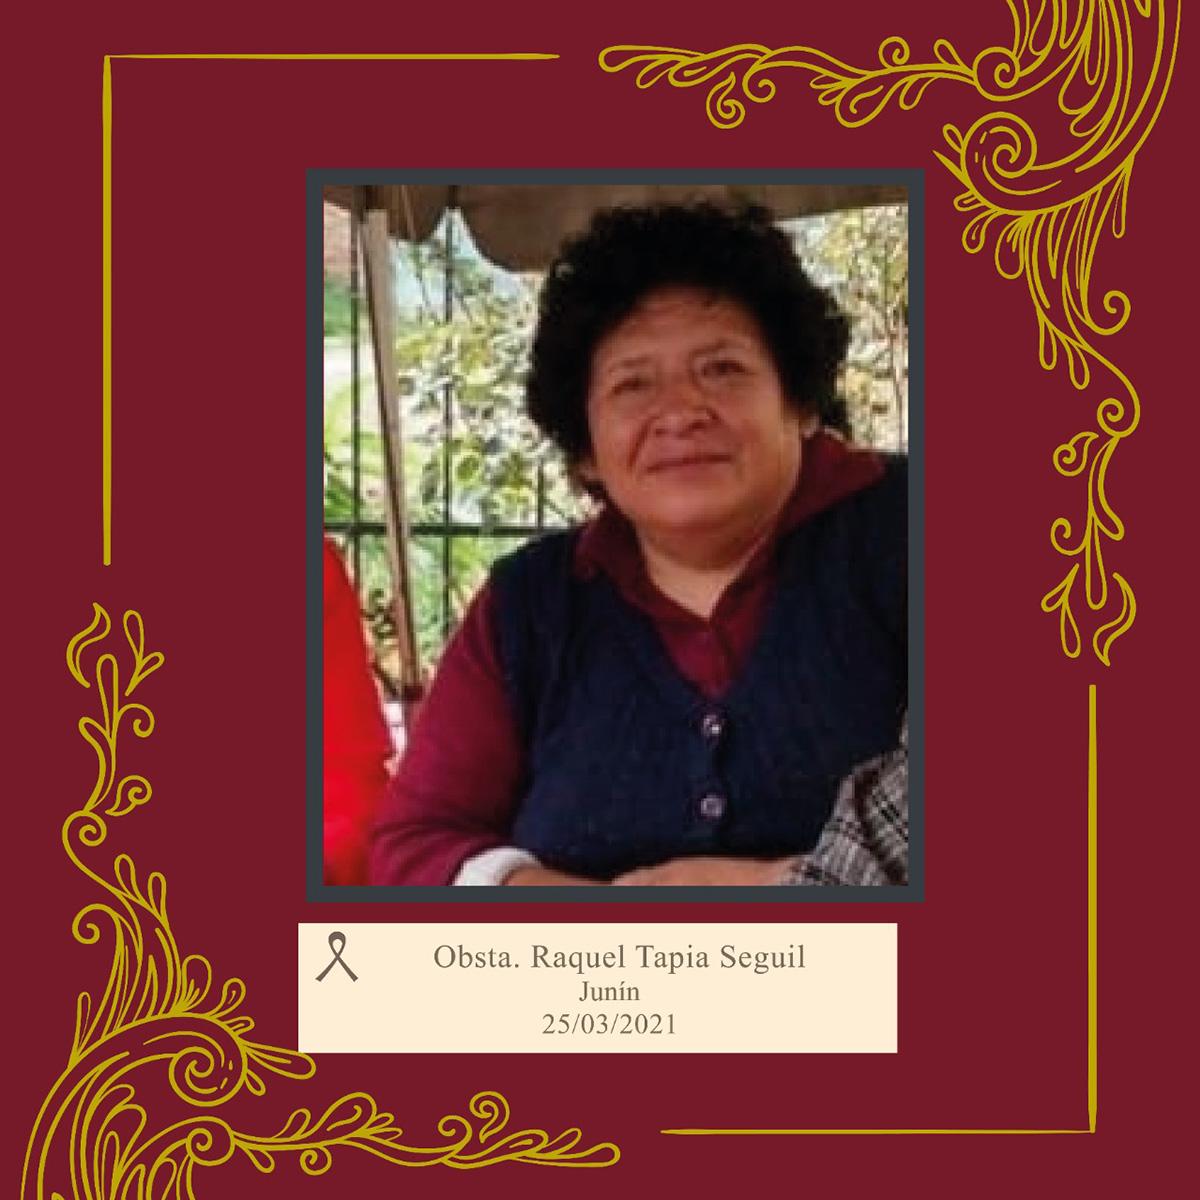 Raquel Tapia Seguil